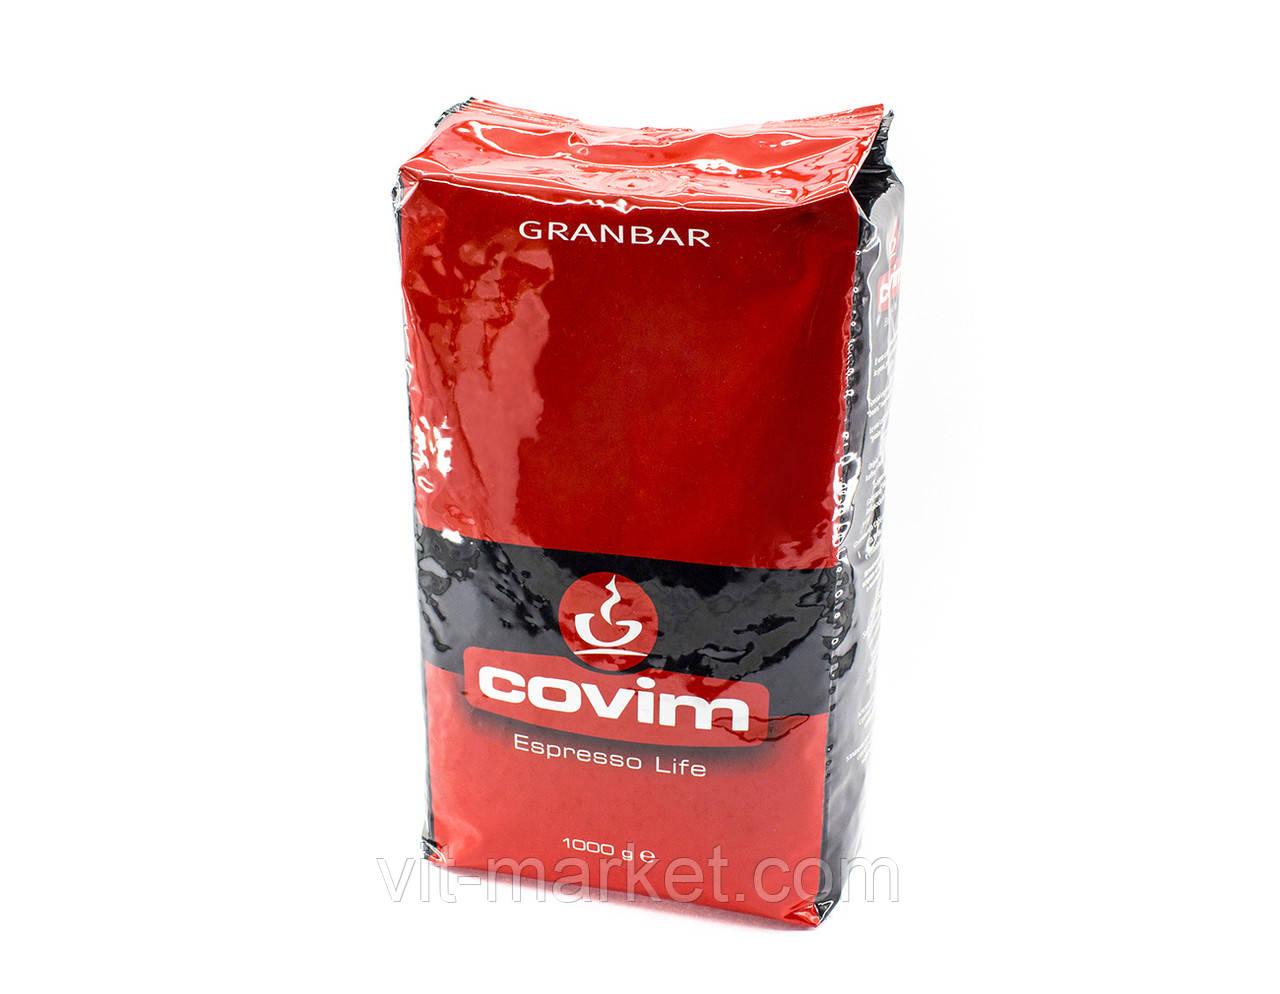 Оригинал! Зерновое кофе 1 кг Covim Gran Bar код KF006